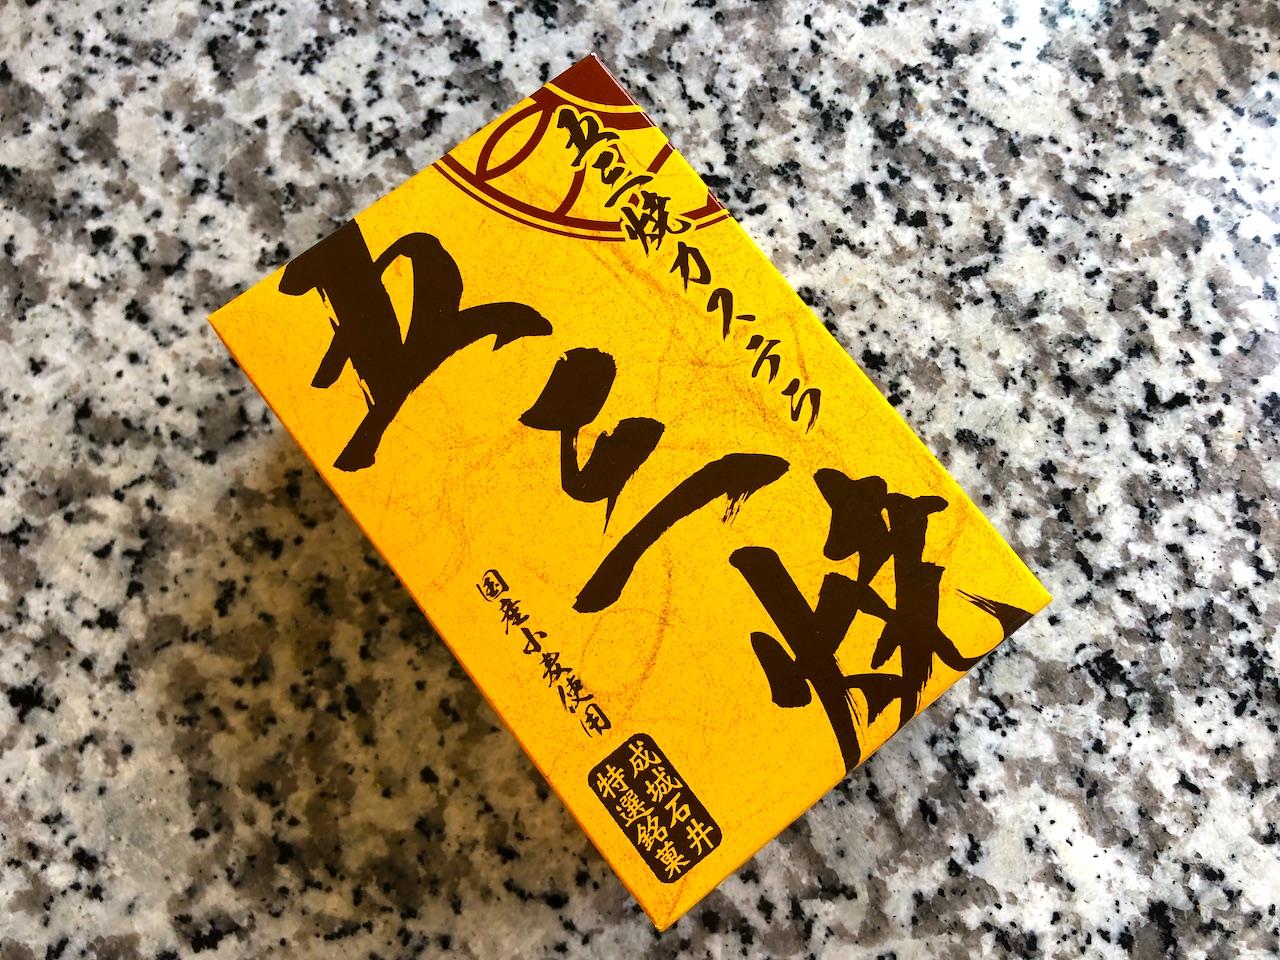 成城石井 五三焼カステラ